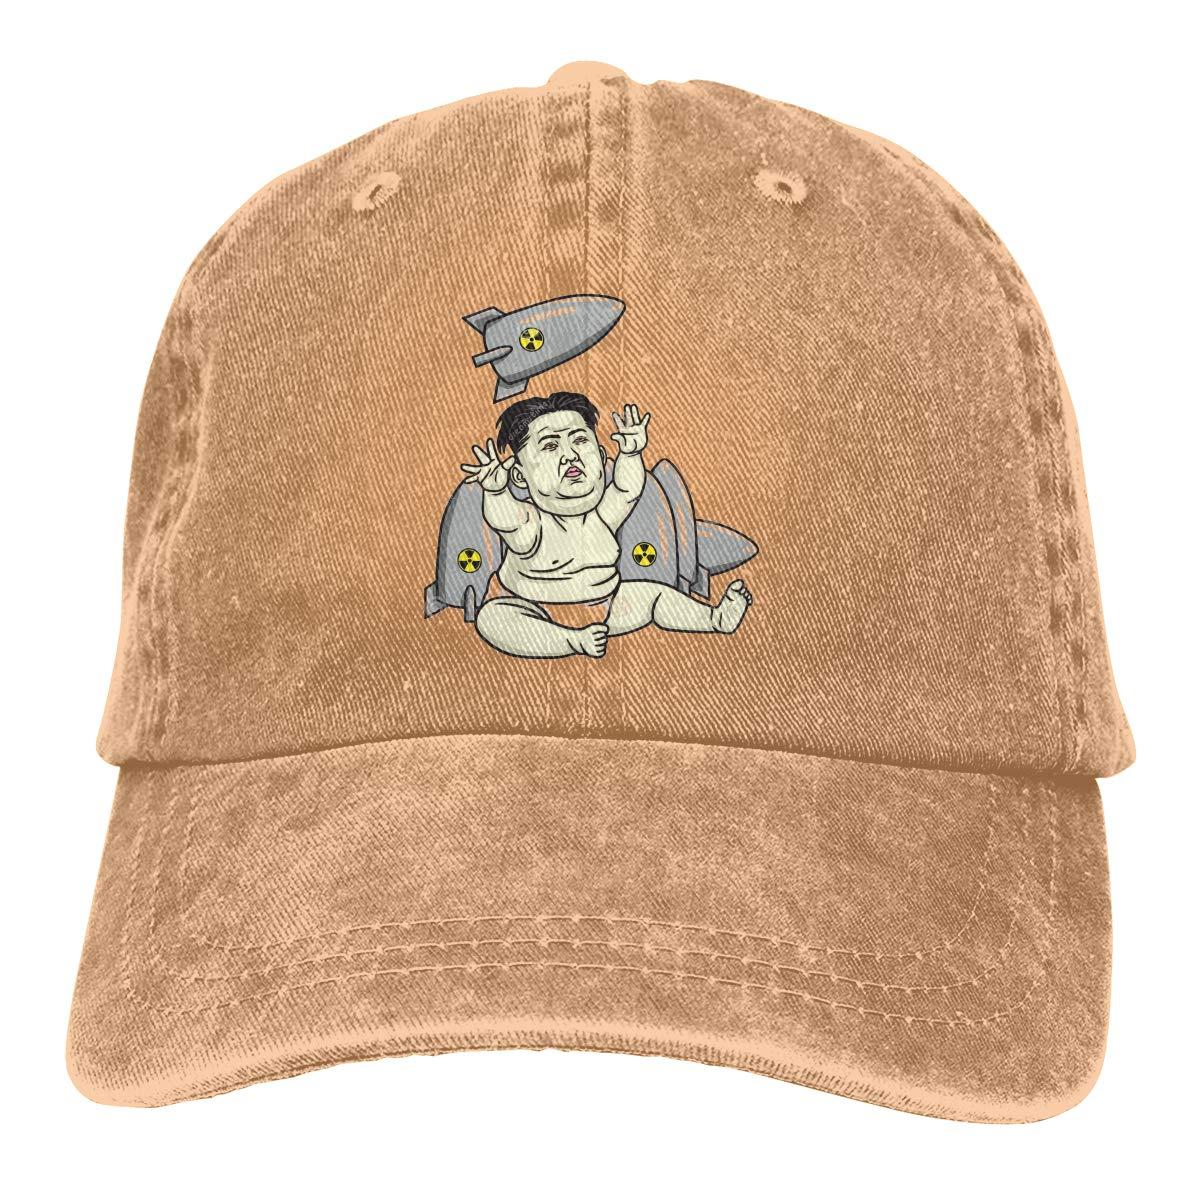 Amazon.com: Baseball Cap Gorras para Hombres Dad Cap Polo Hat Gorras De Mujer Donald Trump Kim Jong Un Casquette Black: Clothing